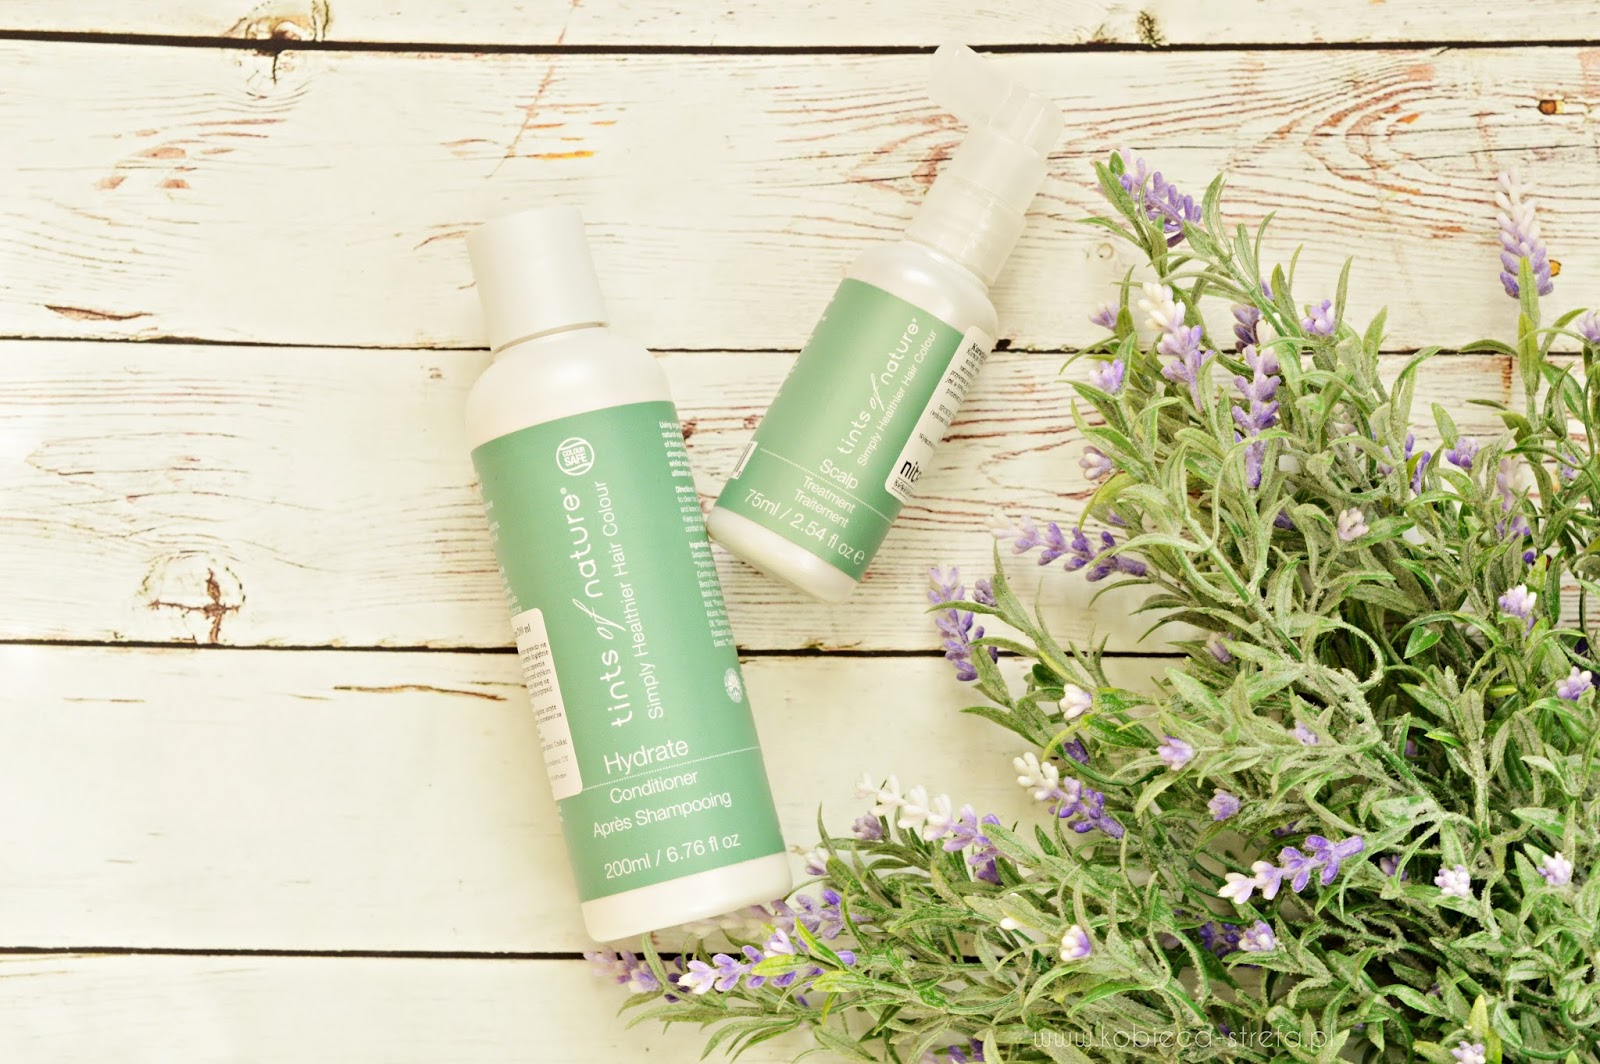 Tints of nature - kosmetyki ze składników naturalnych, dla wegan i wegetarian